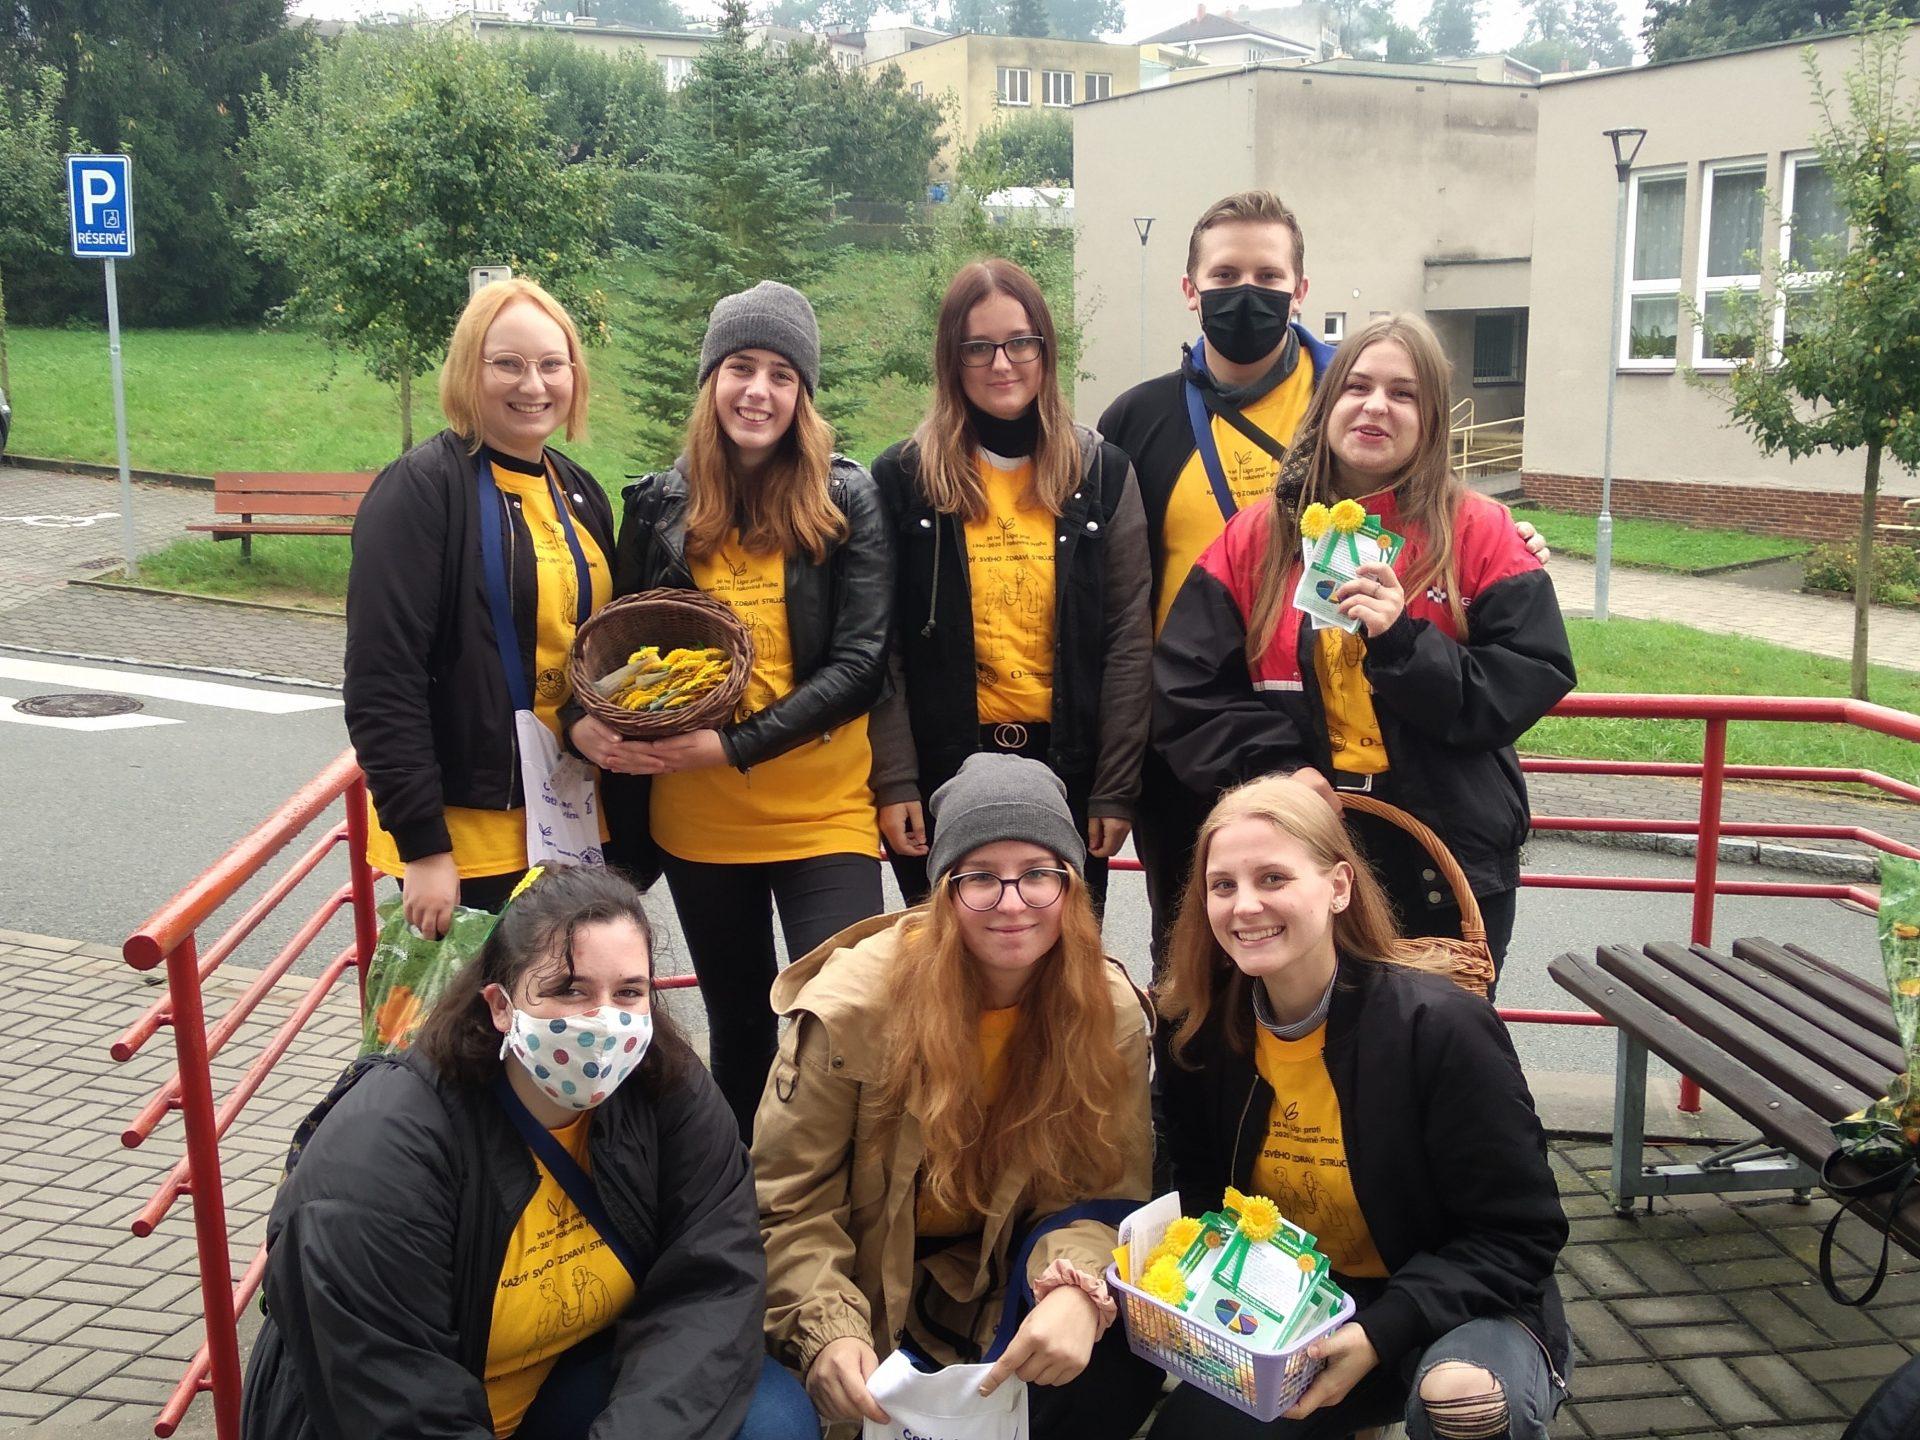 Studenti při účasti na sbírce Českého dne proti rakovině